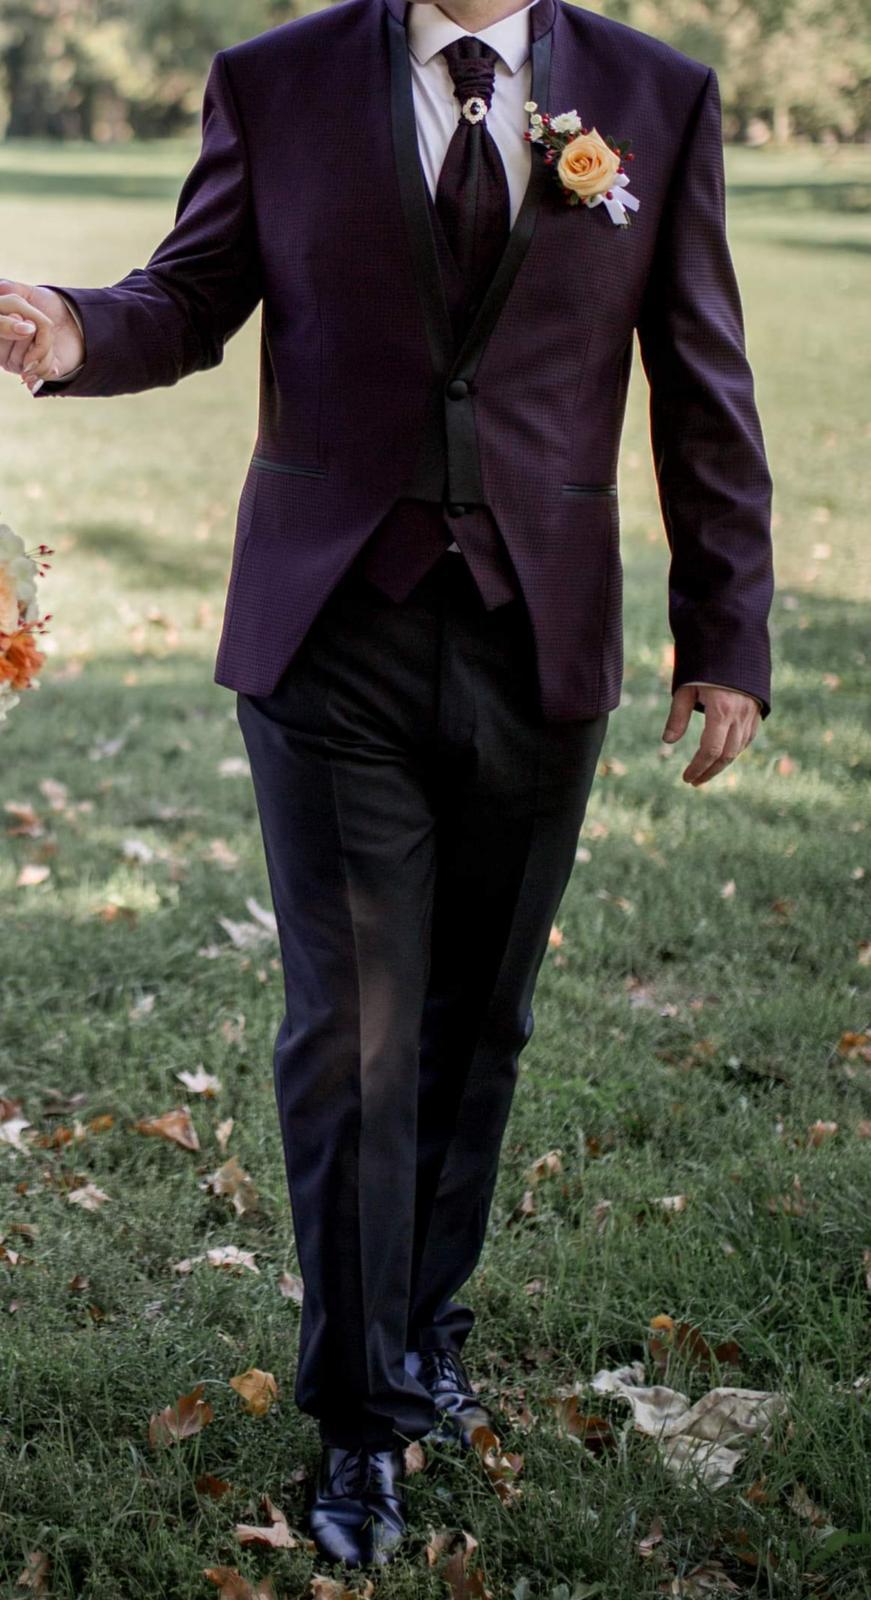 svadobný spoločenský oblek - Obrázok č. 2